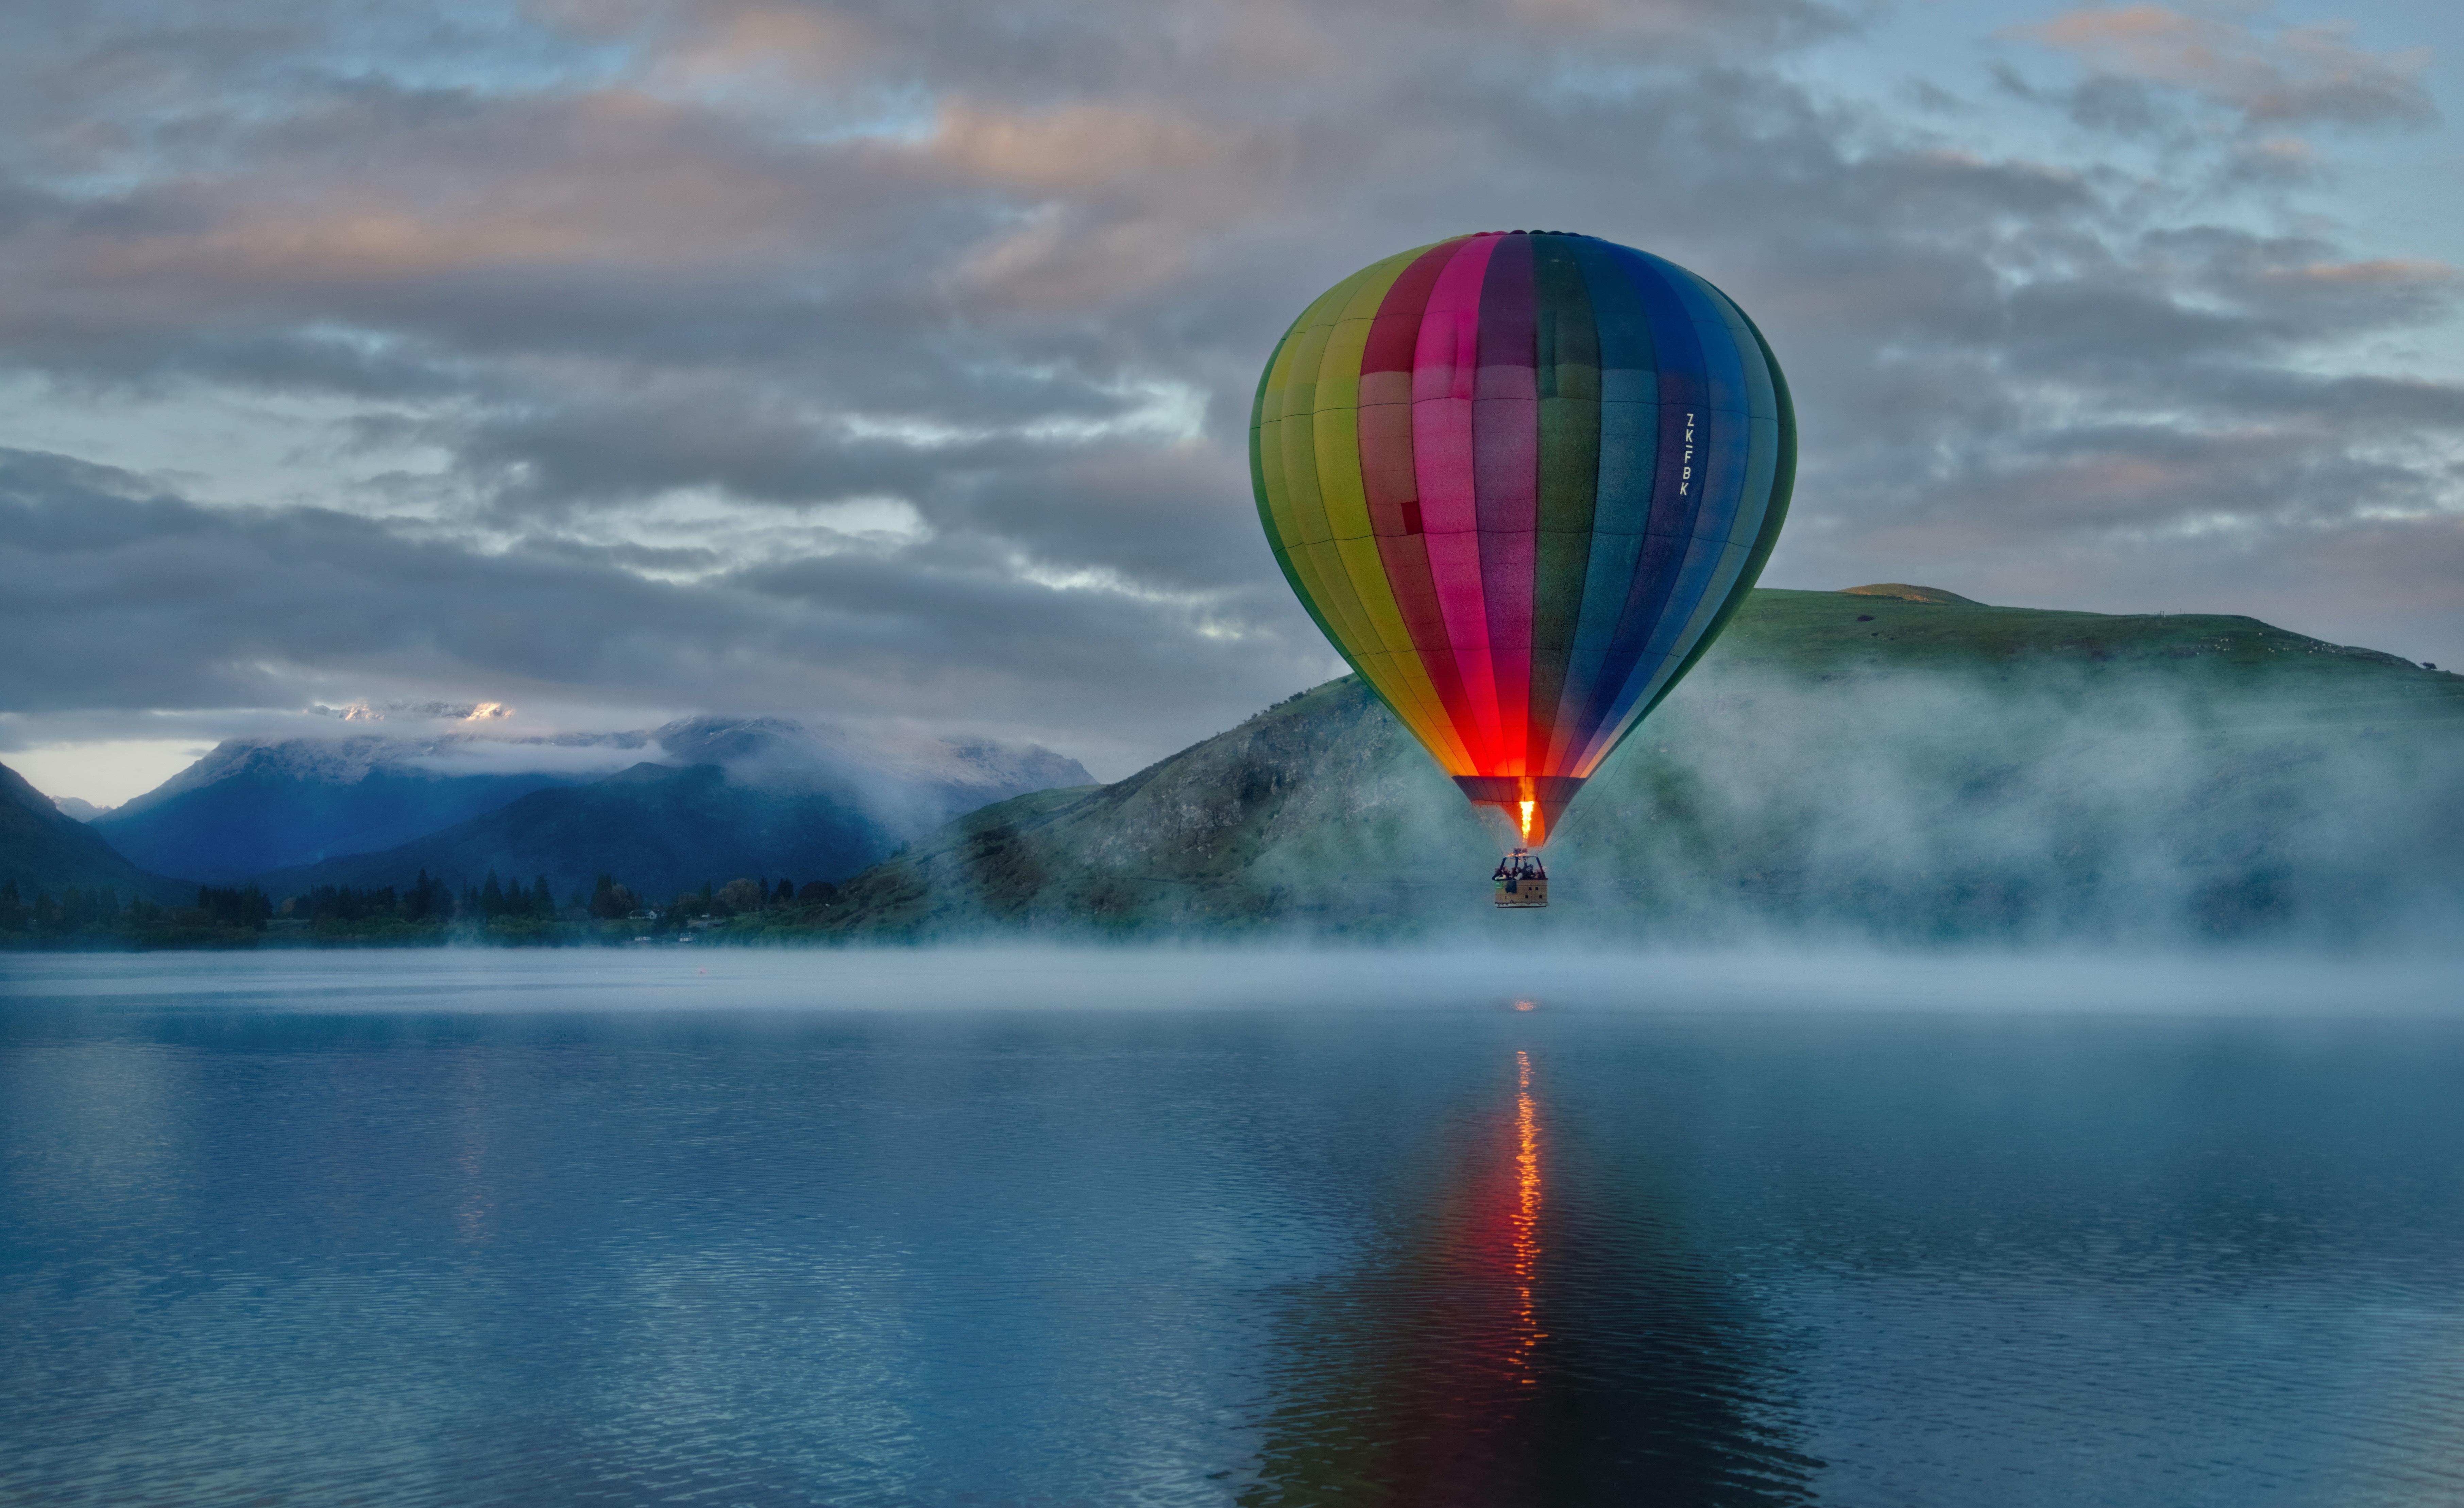 Hot Air Balloon 8k